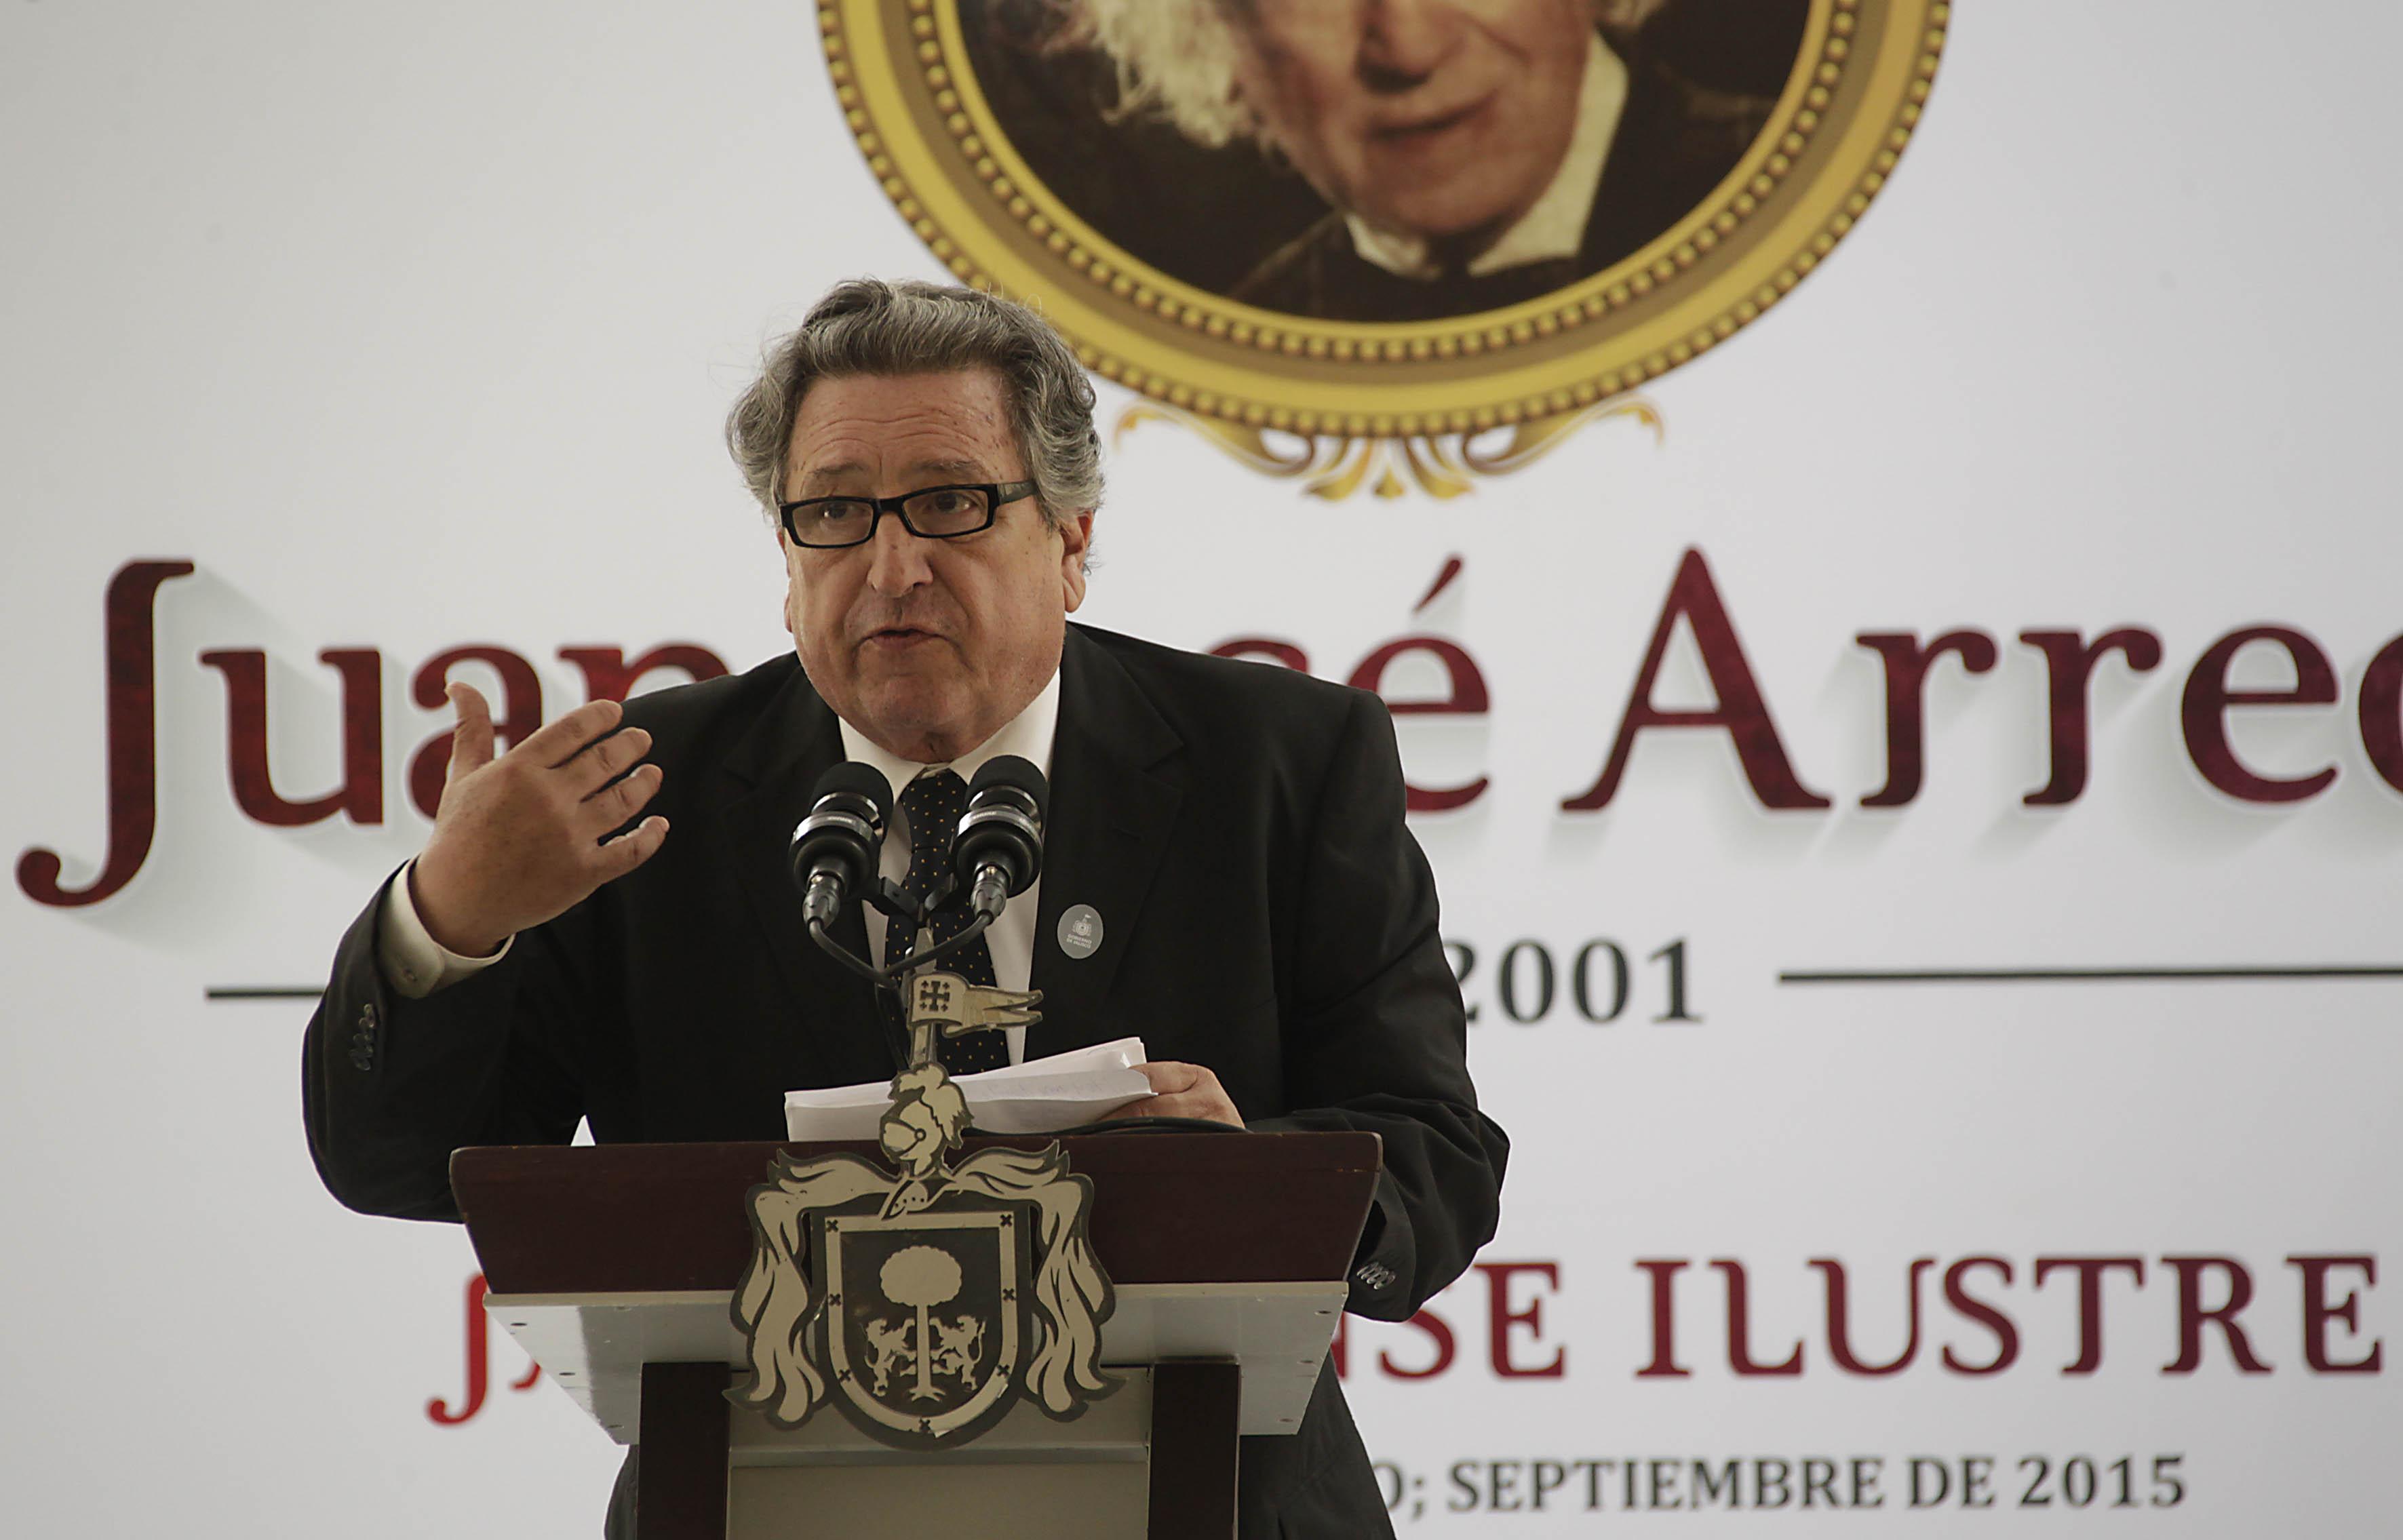 Orso Arreola, hijo del escritor Juan José Arreola, hablando frente a microfono